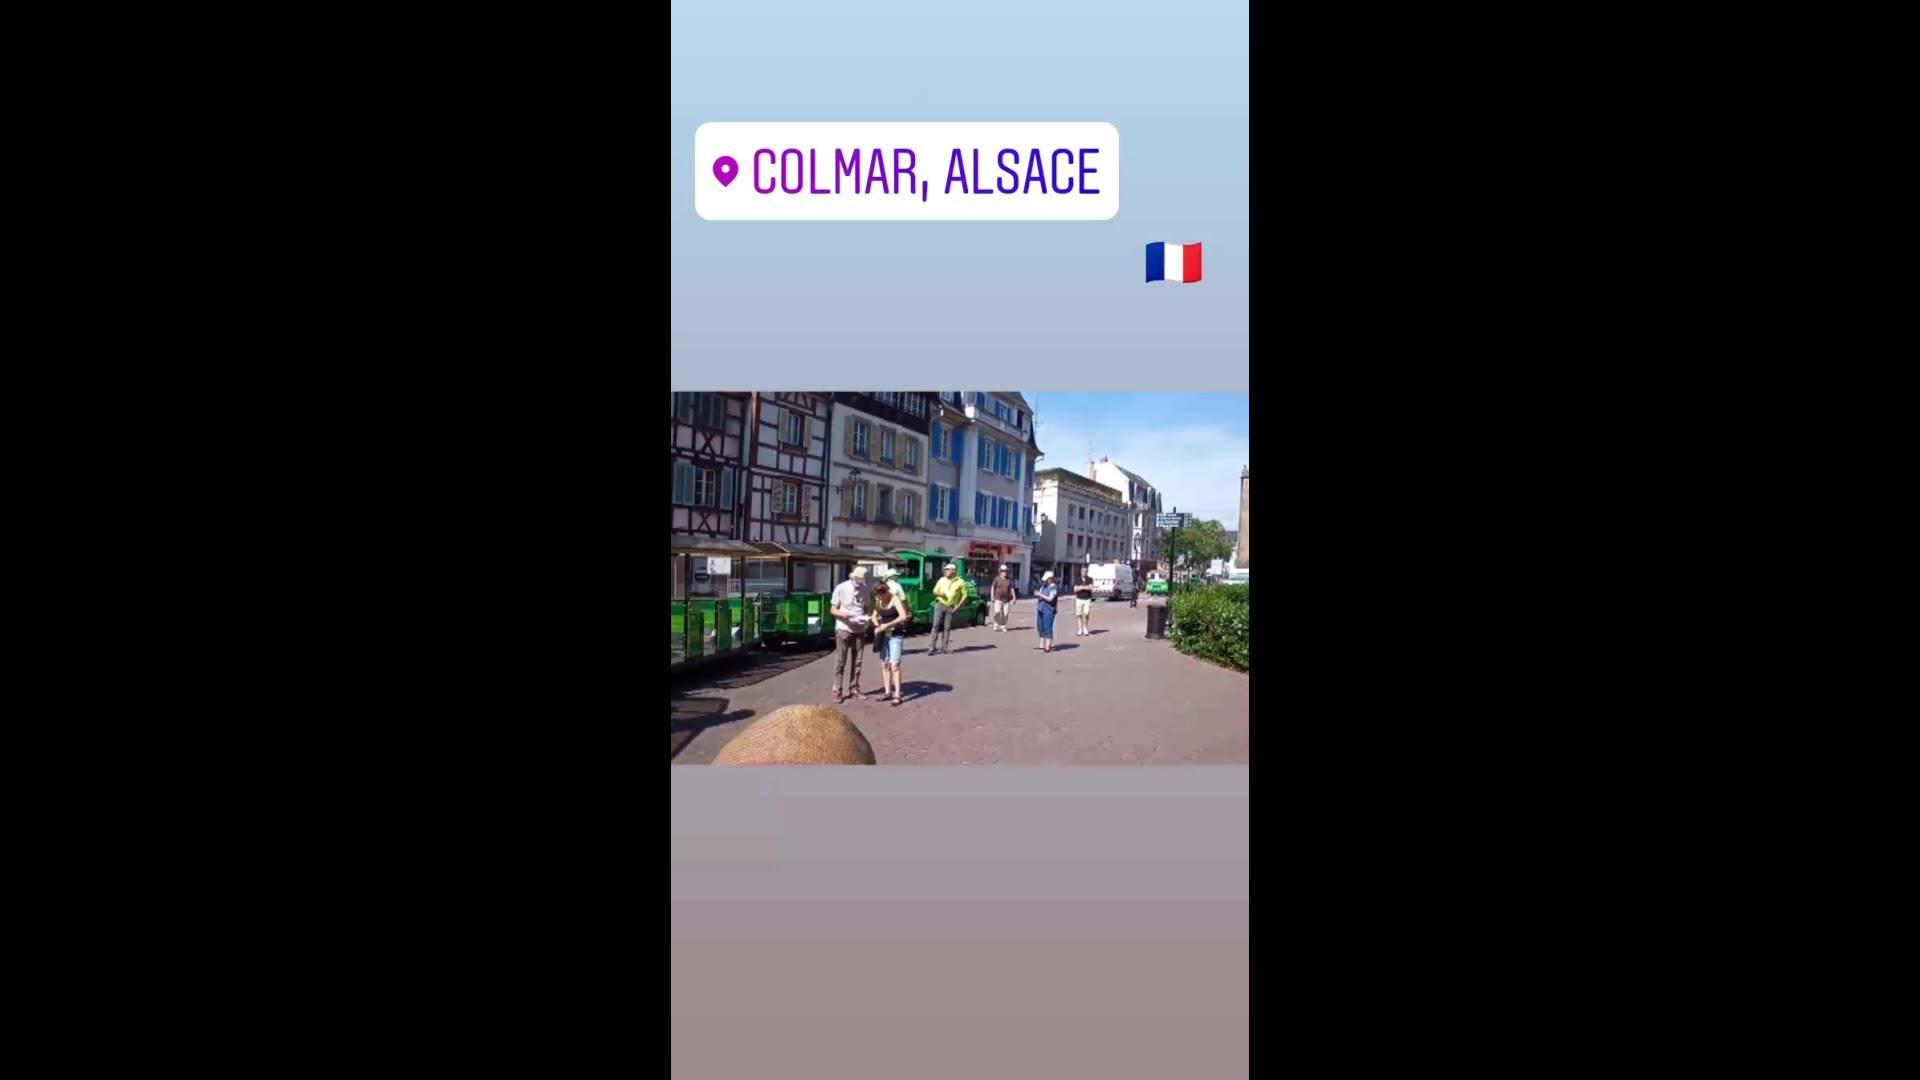 18/06 - Day 2 - Colmar